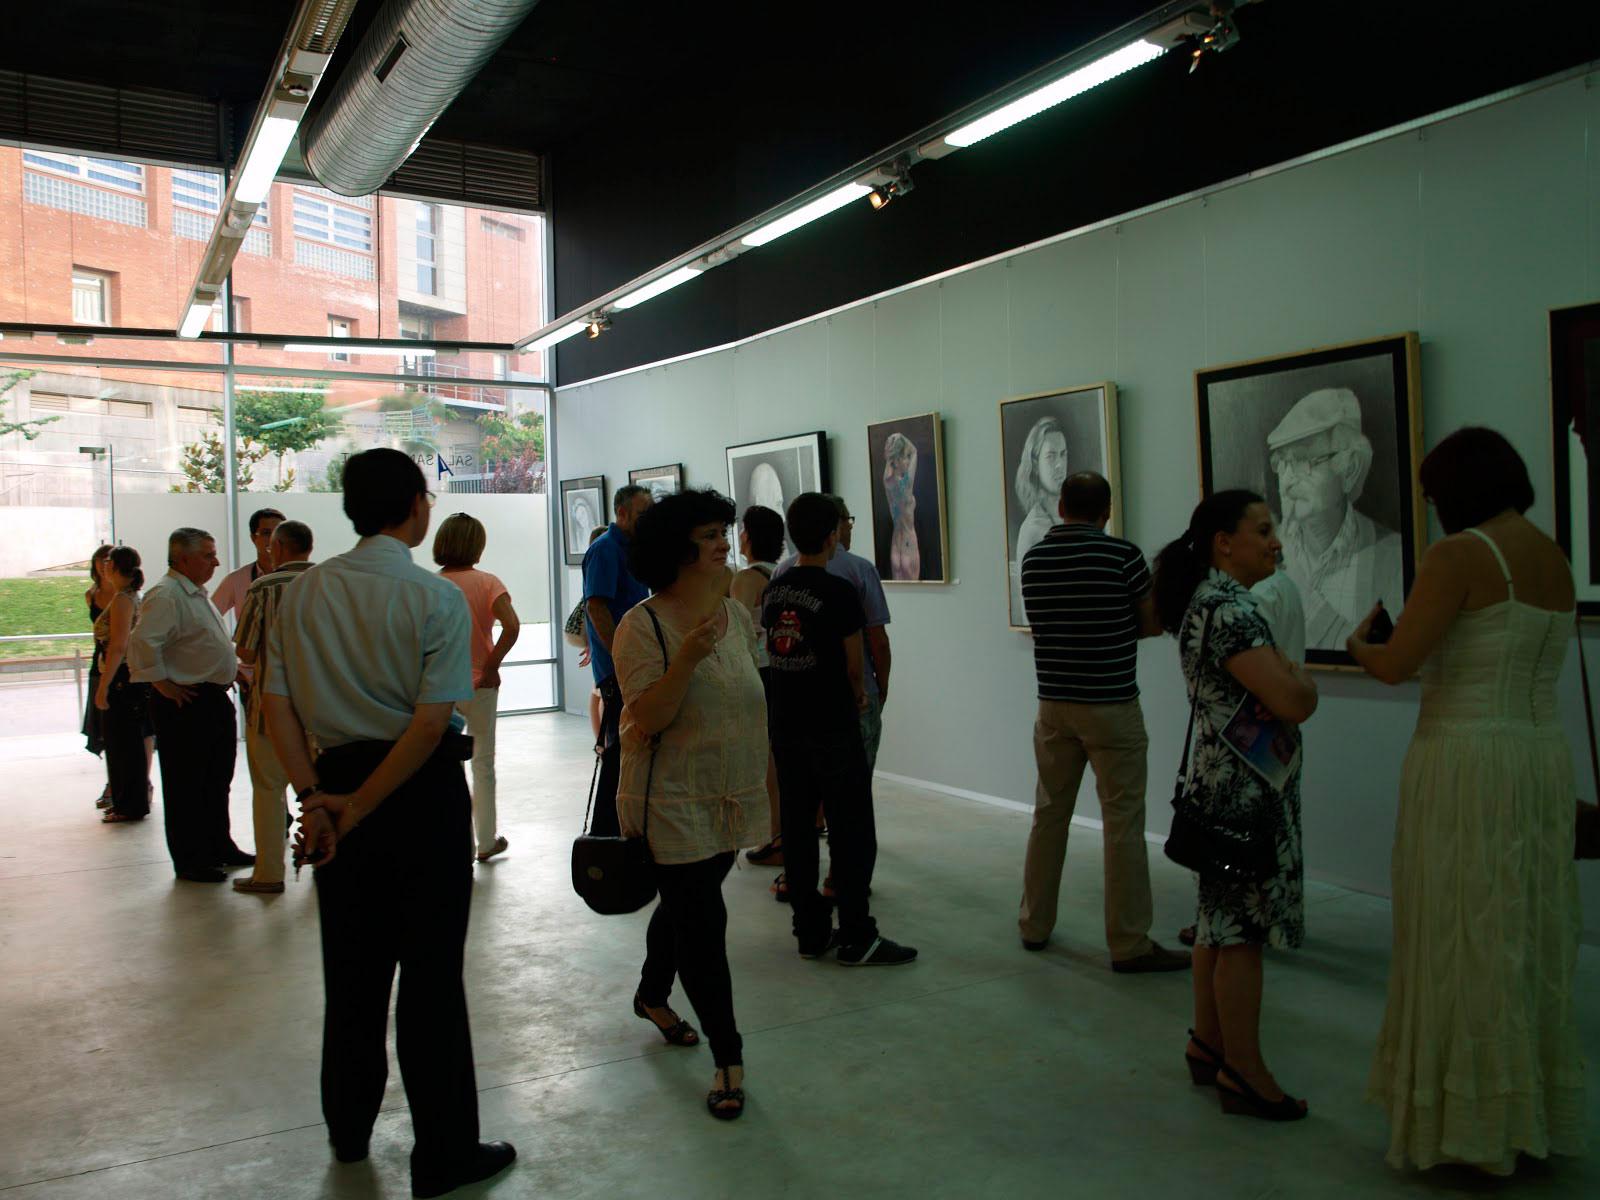 Exposición-Sala-Los-Bajos,-Ayuntamiento-de-San-Vicente-del-Raspeig,2012,público